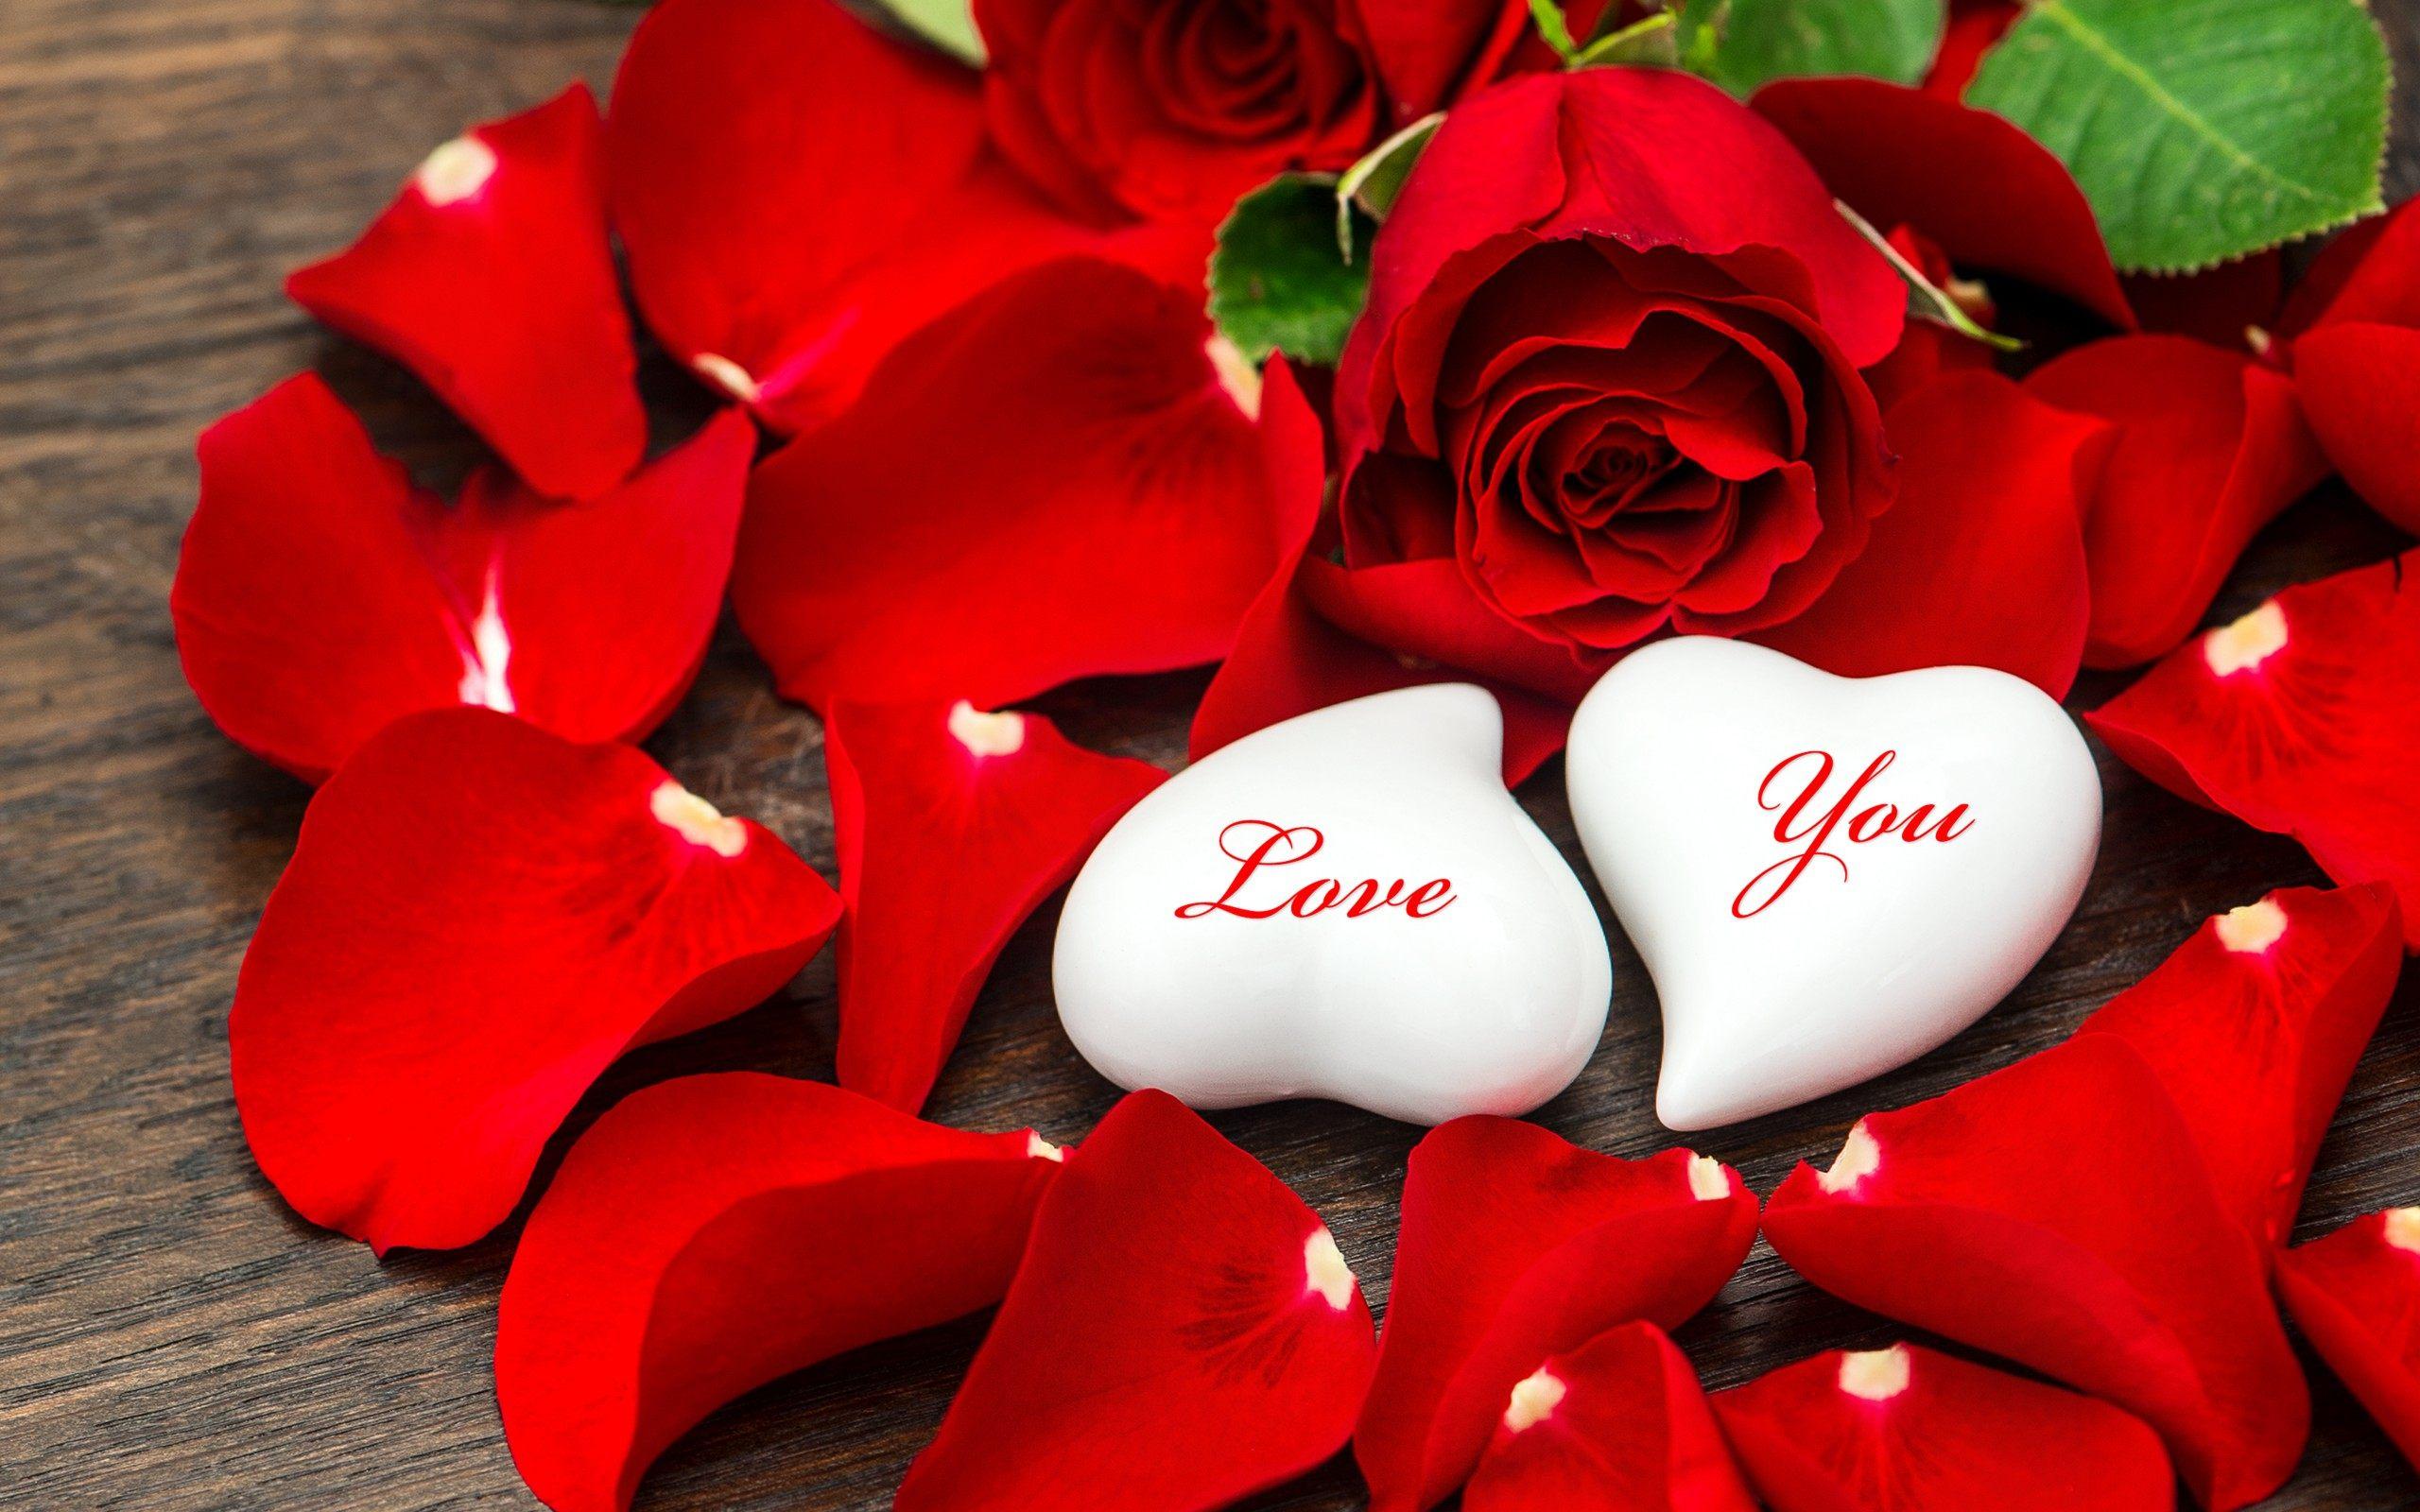 بالصور رسائل رومانسية , الرومانسيه ومسجات تحرك المشاعر 6700 5